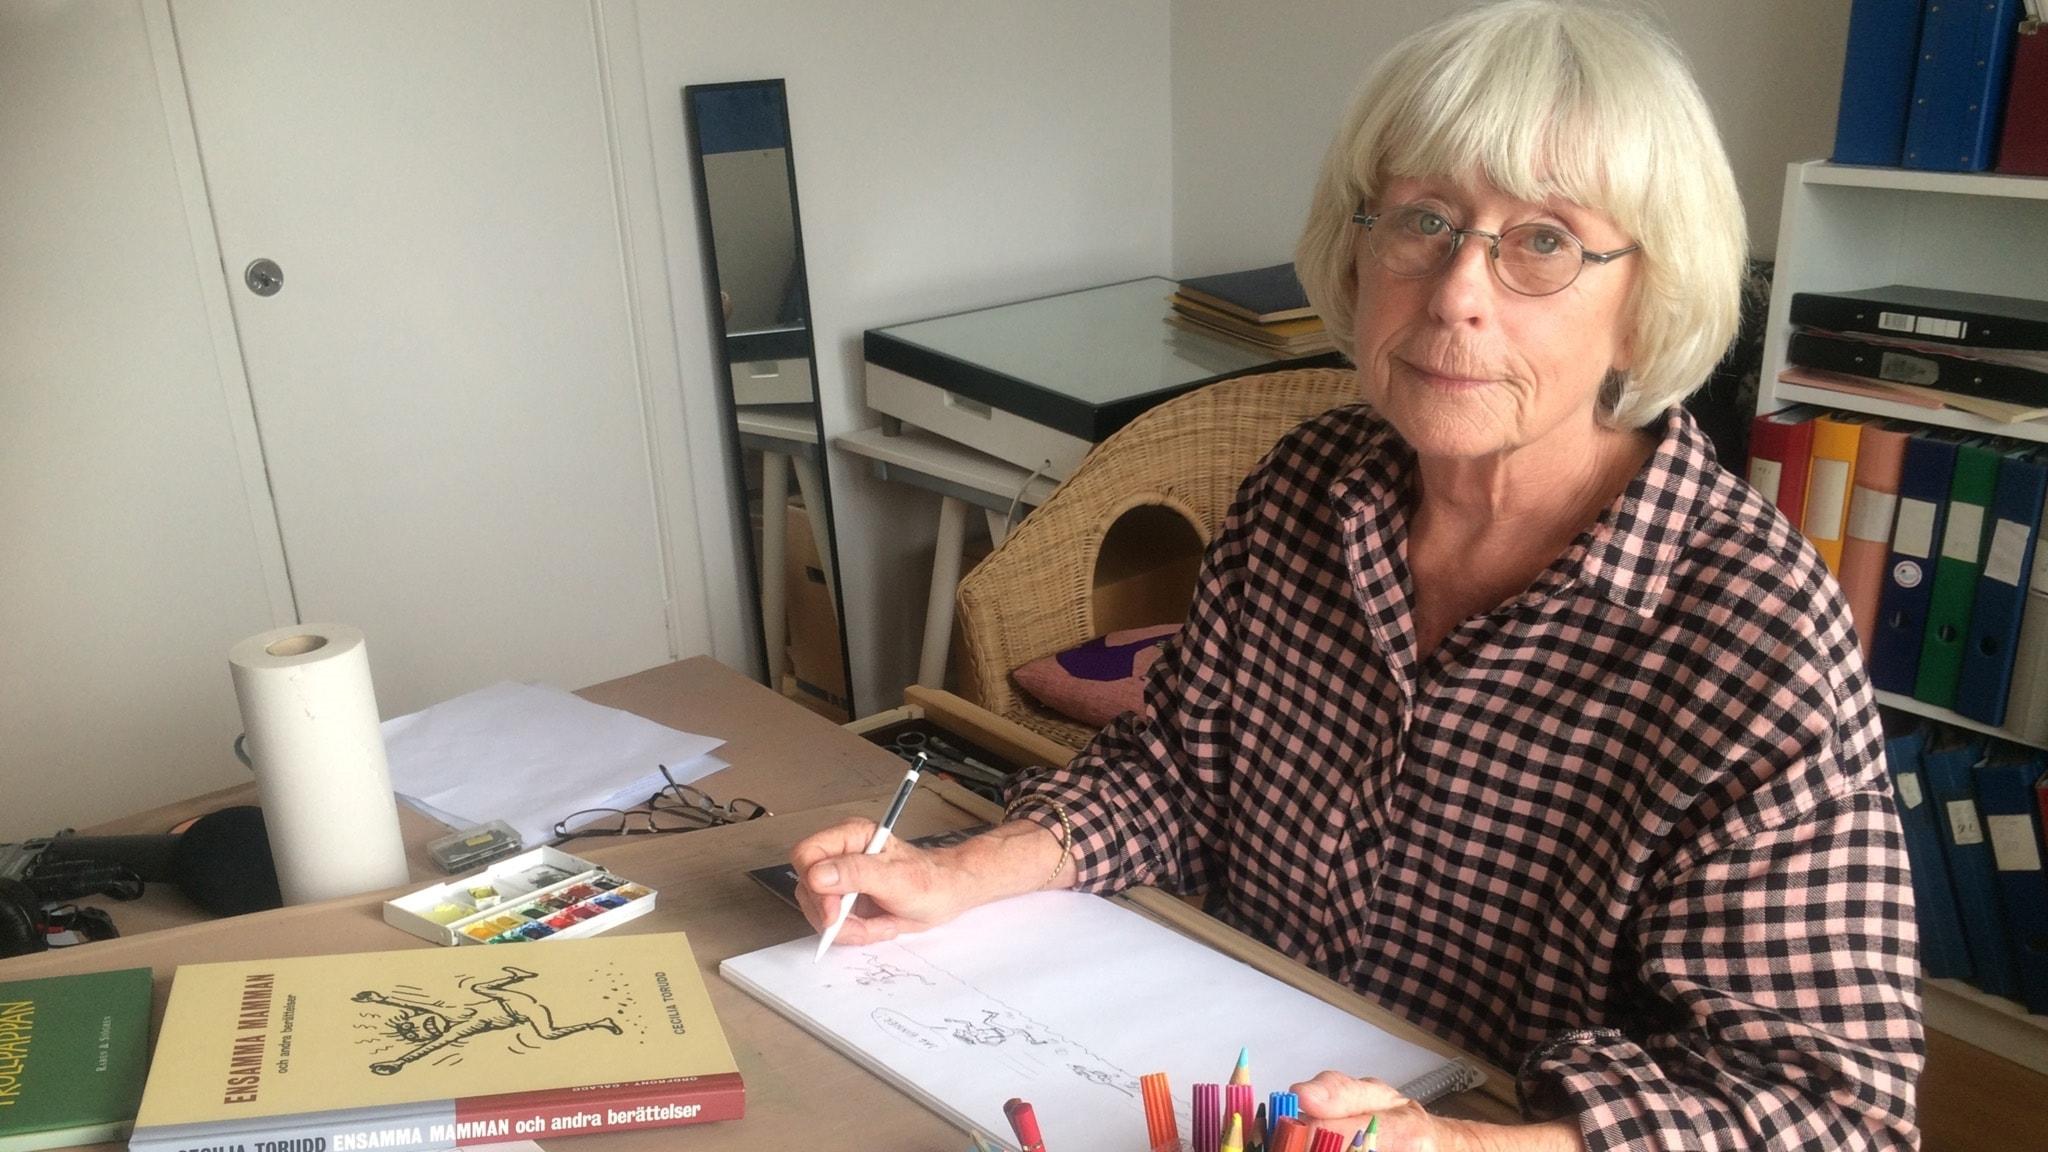 Cecilia Torudd - ensamma mamman som använder humorn för överlevnad